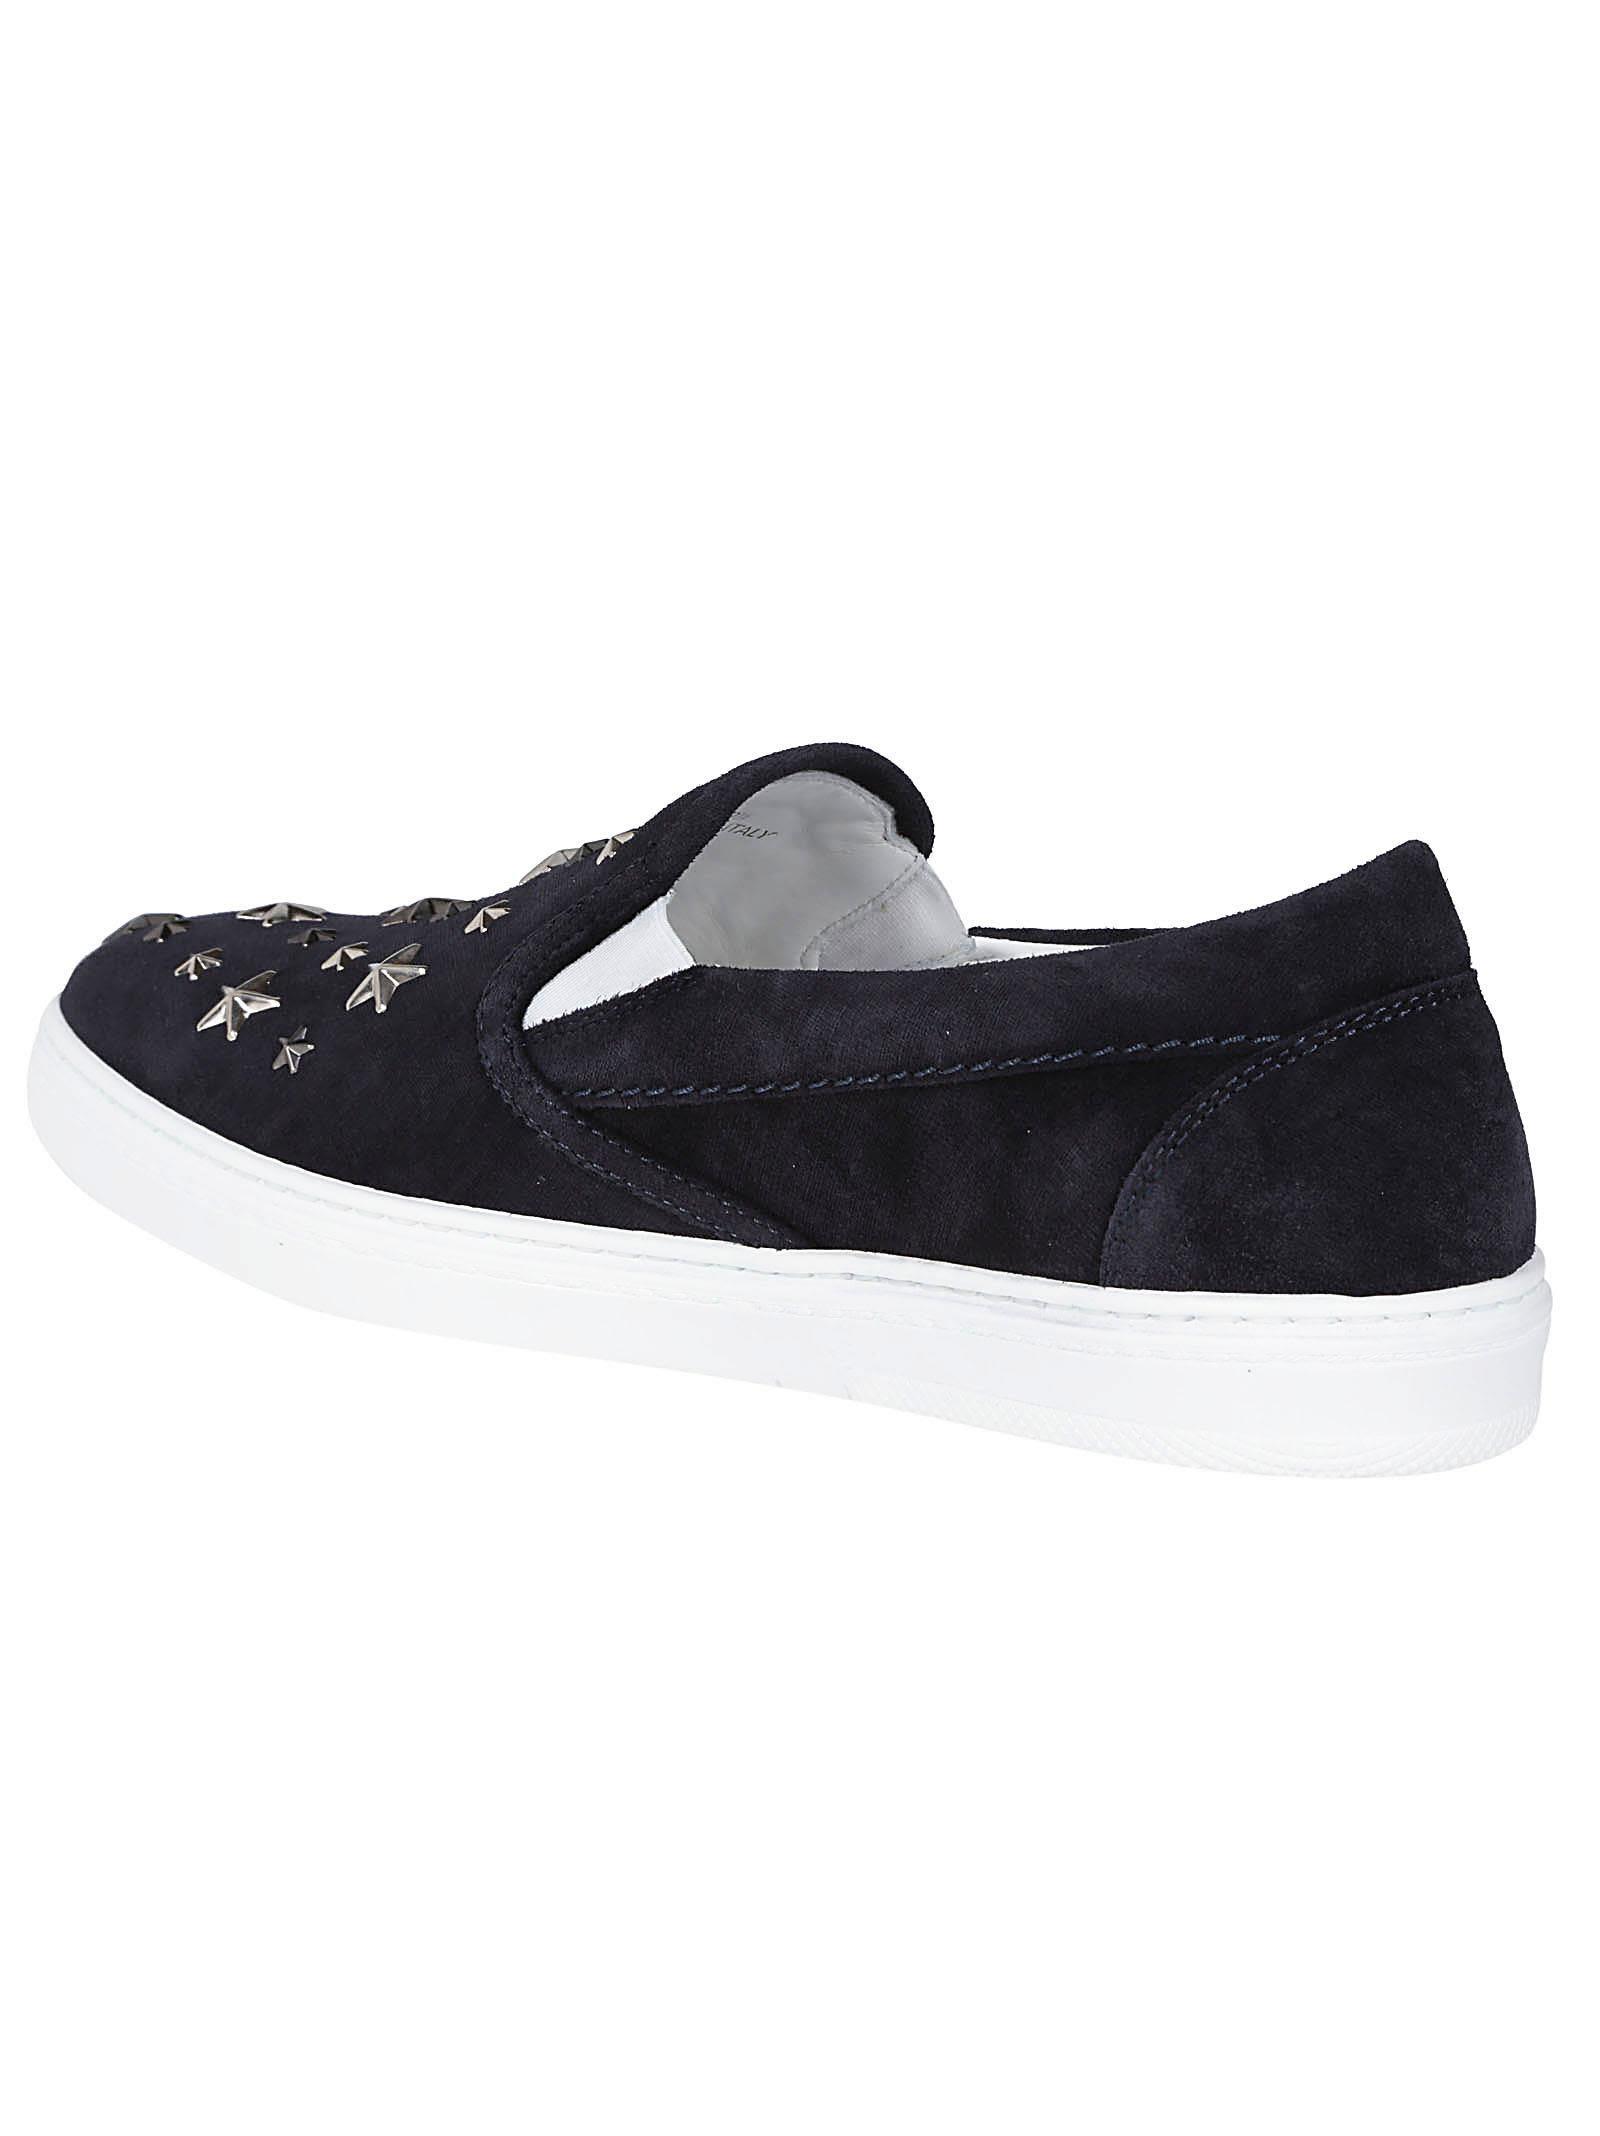 38476bf5f16 Jimmy Choo Jimmy Choo Grove Slip-on Sneakers - 10641142